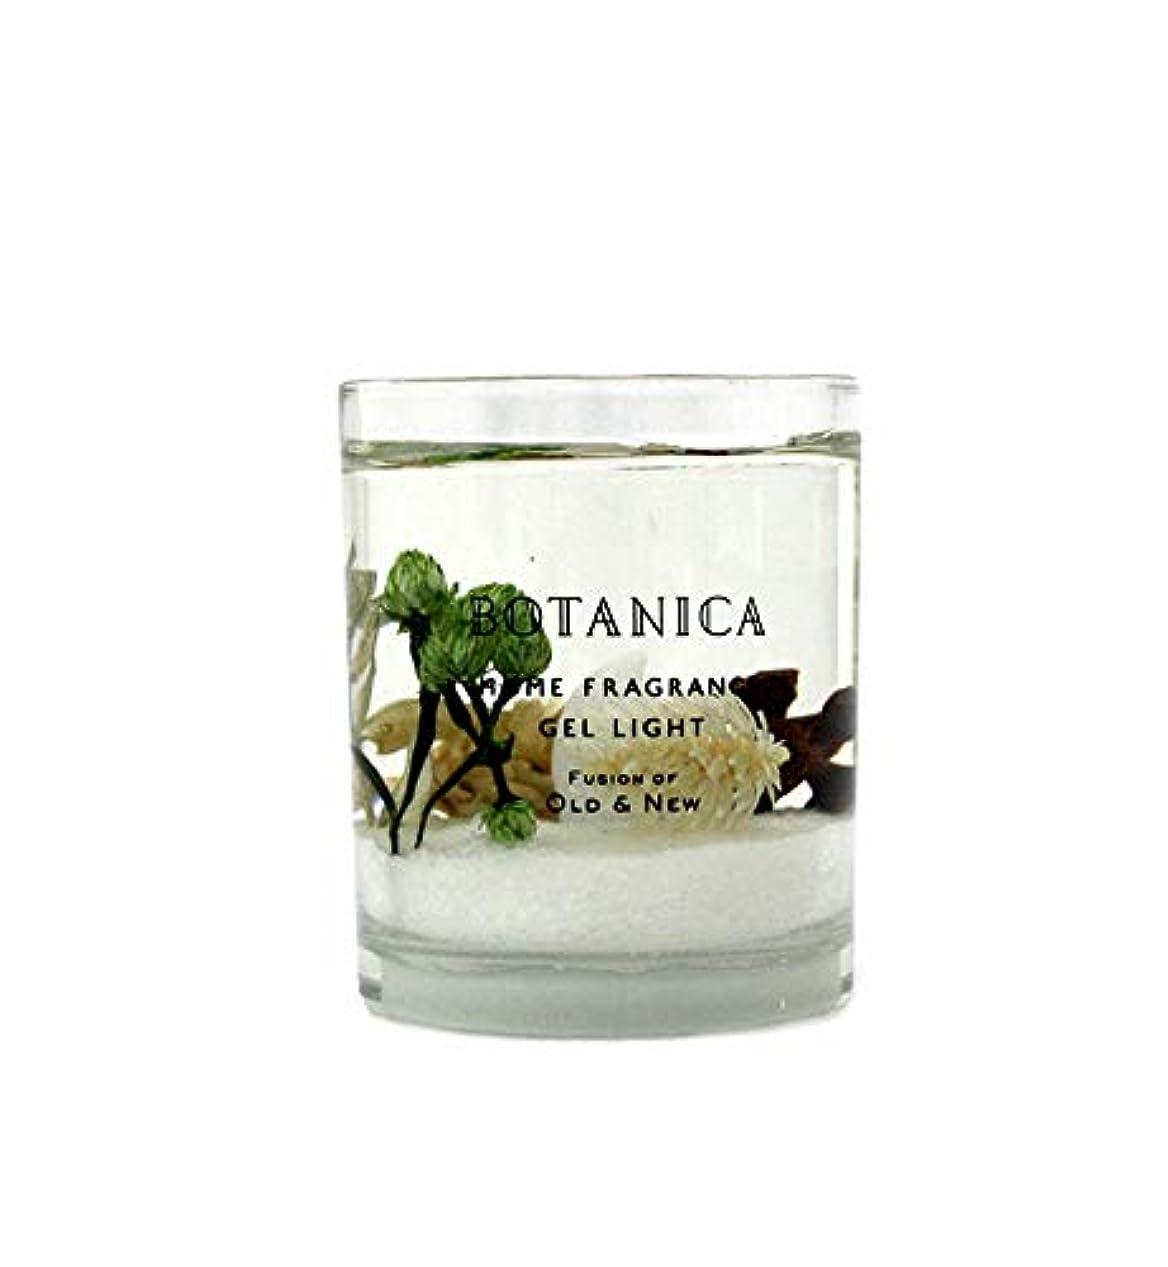 海賊上にきょうだいBOTANICA(ボタニカ) BOTANICA ハーバリウムジェルライト ネイトハーブ Herbarium Gel Light Neat Herbs ボタニカ H75×Φ60mm/90g